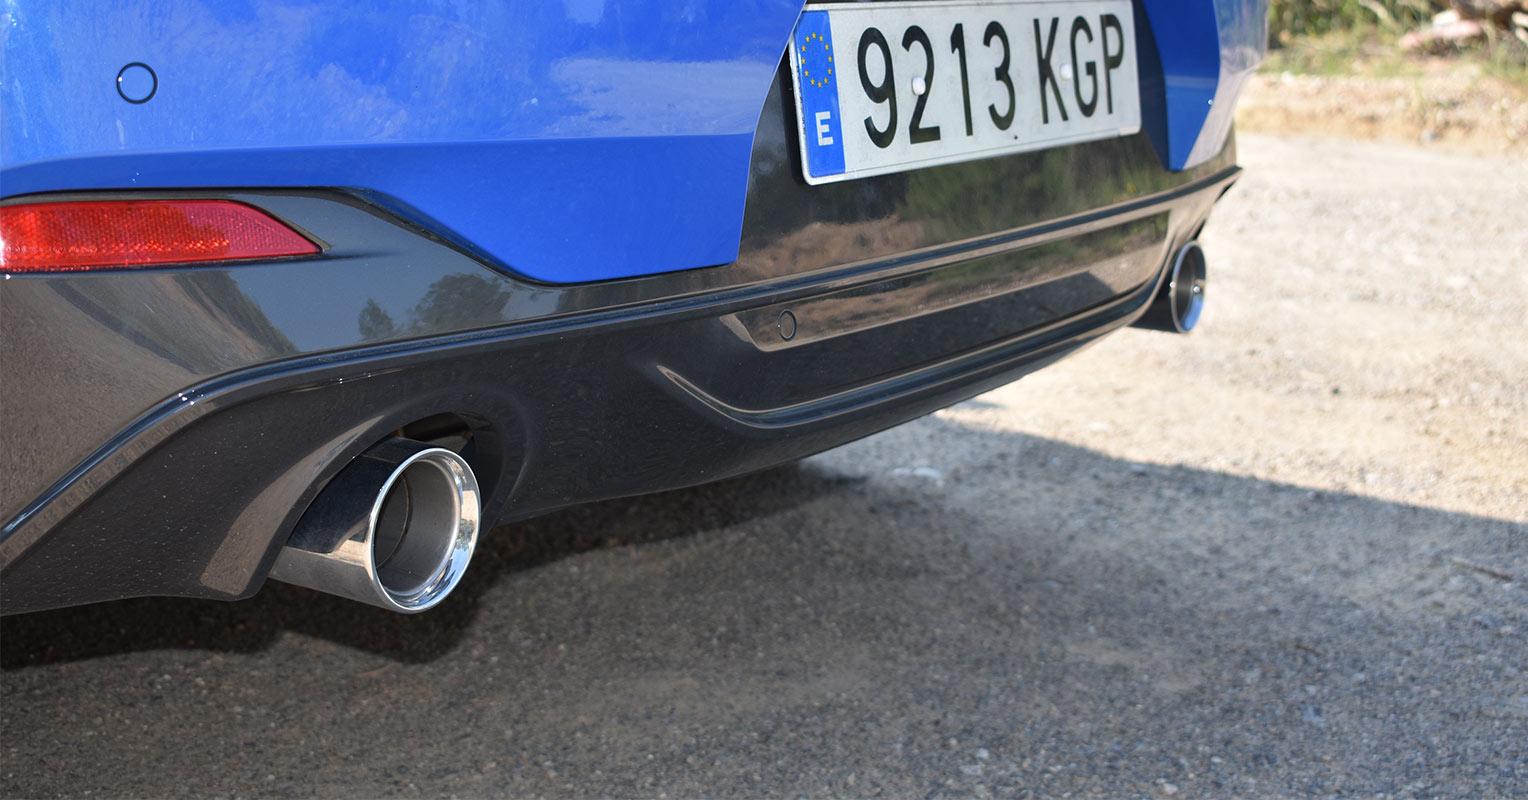 Difusor del BMW X2